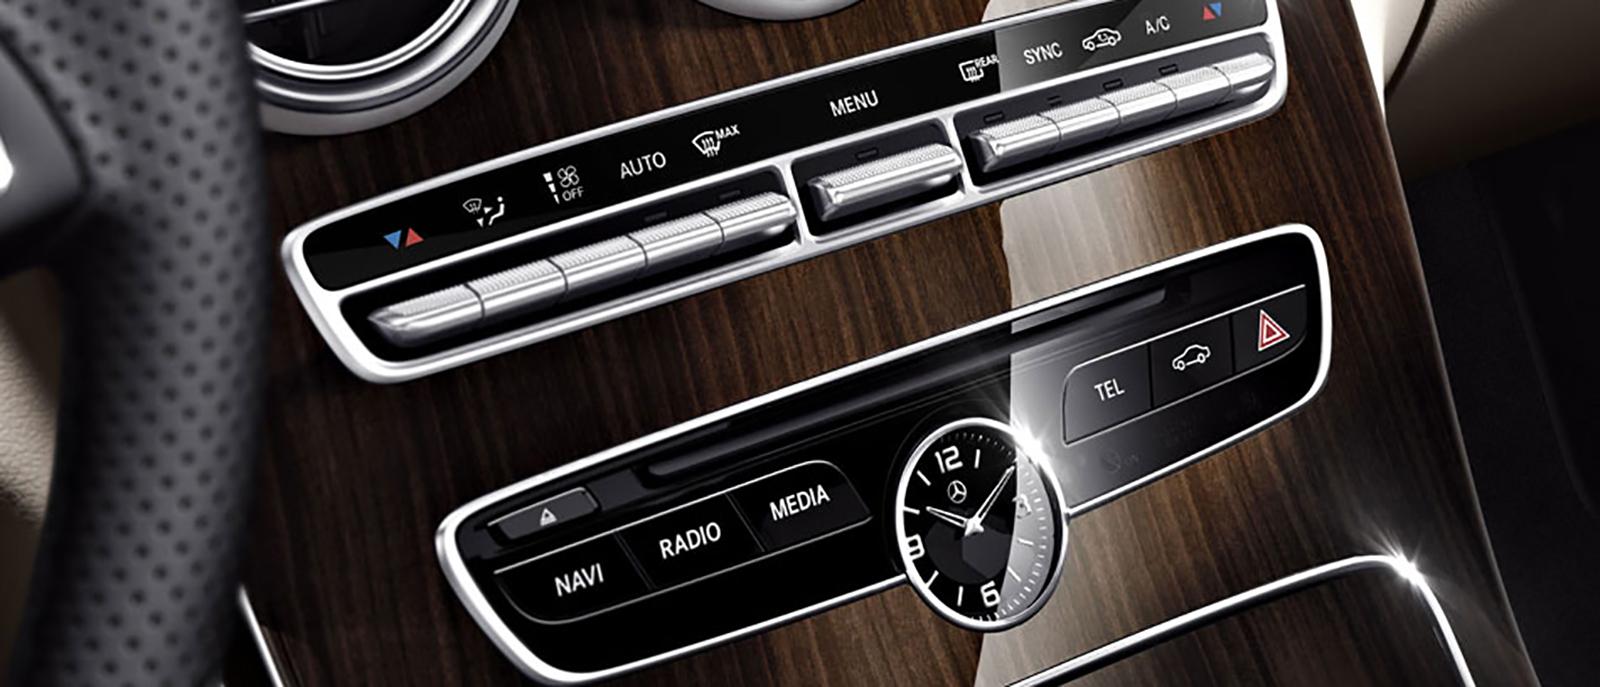 2016 mercedes benz c450 amg berline silver star montr al for Mercedes benz silver star